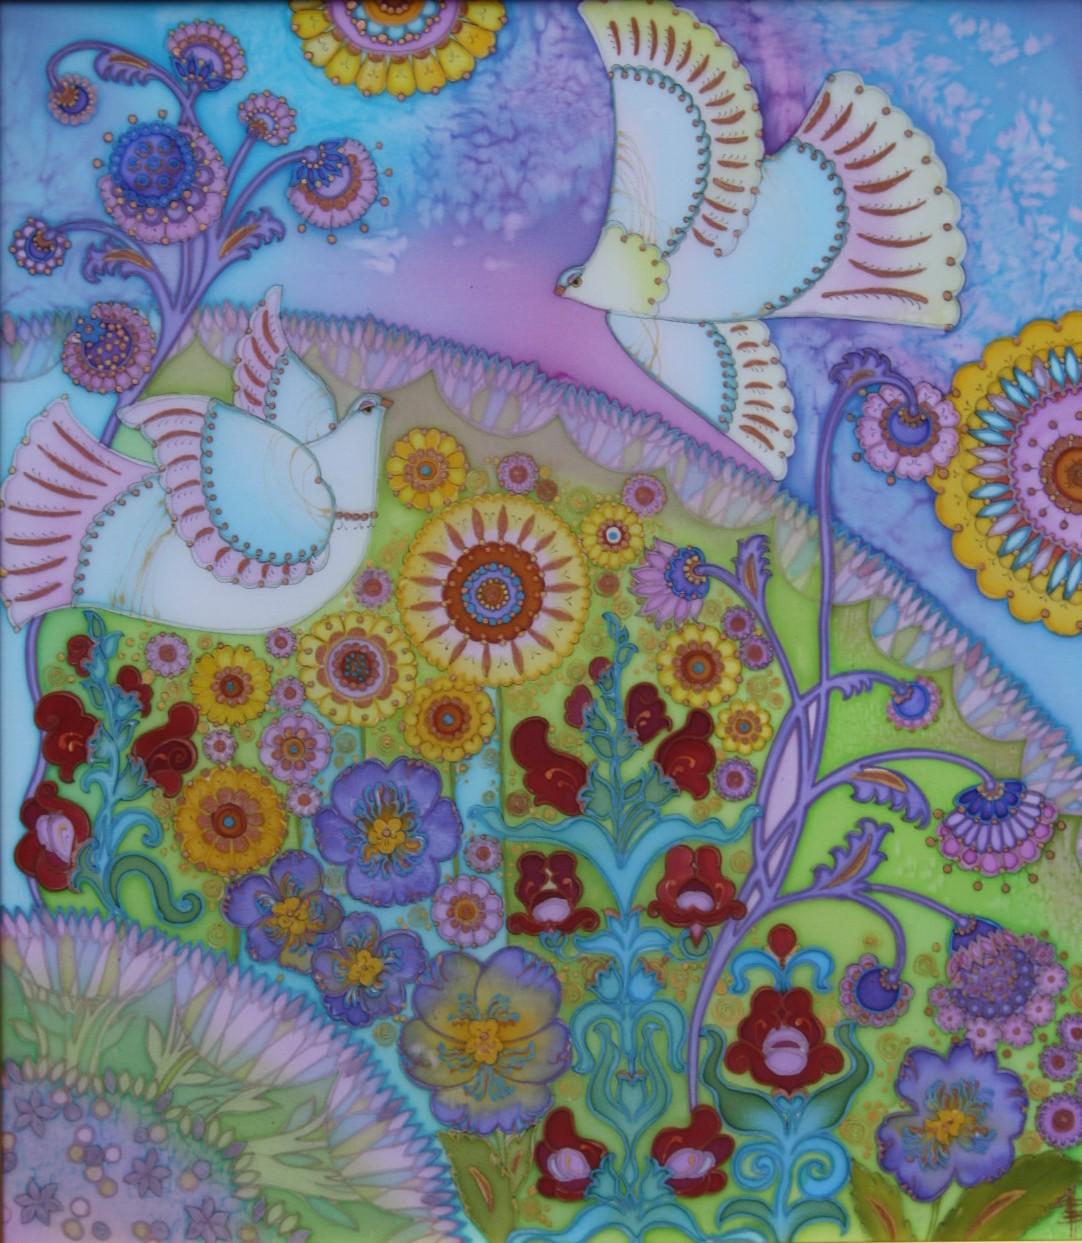 Каталог Ремесел, город Таруса, художник Пилипенко Виктория, батик (роспись по шелку), Любимый сад